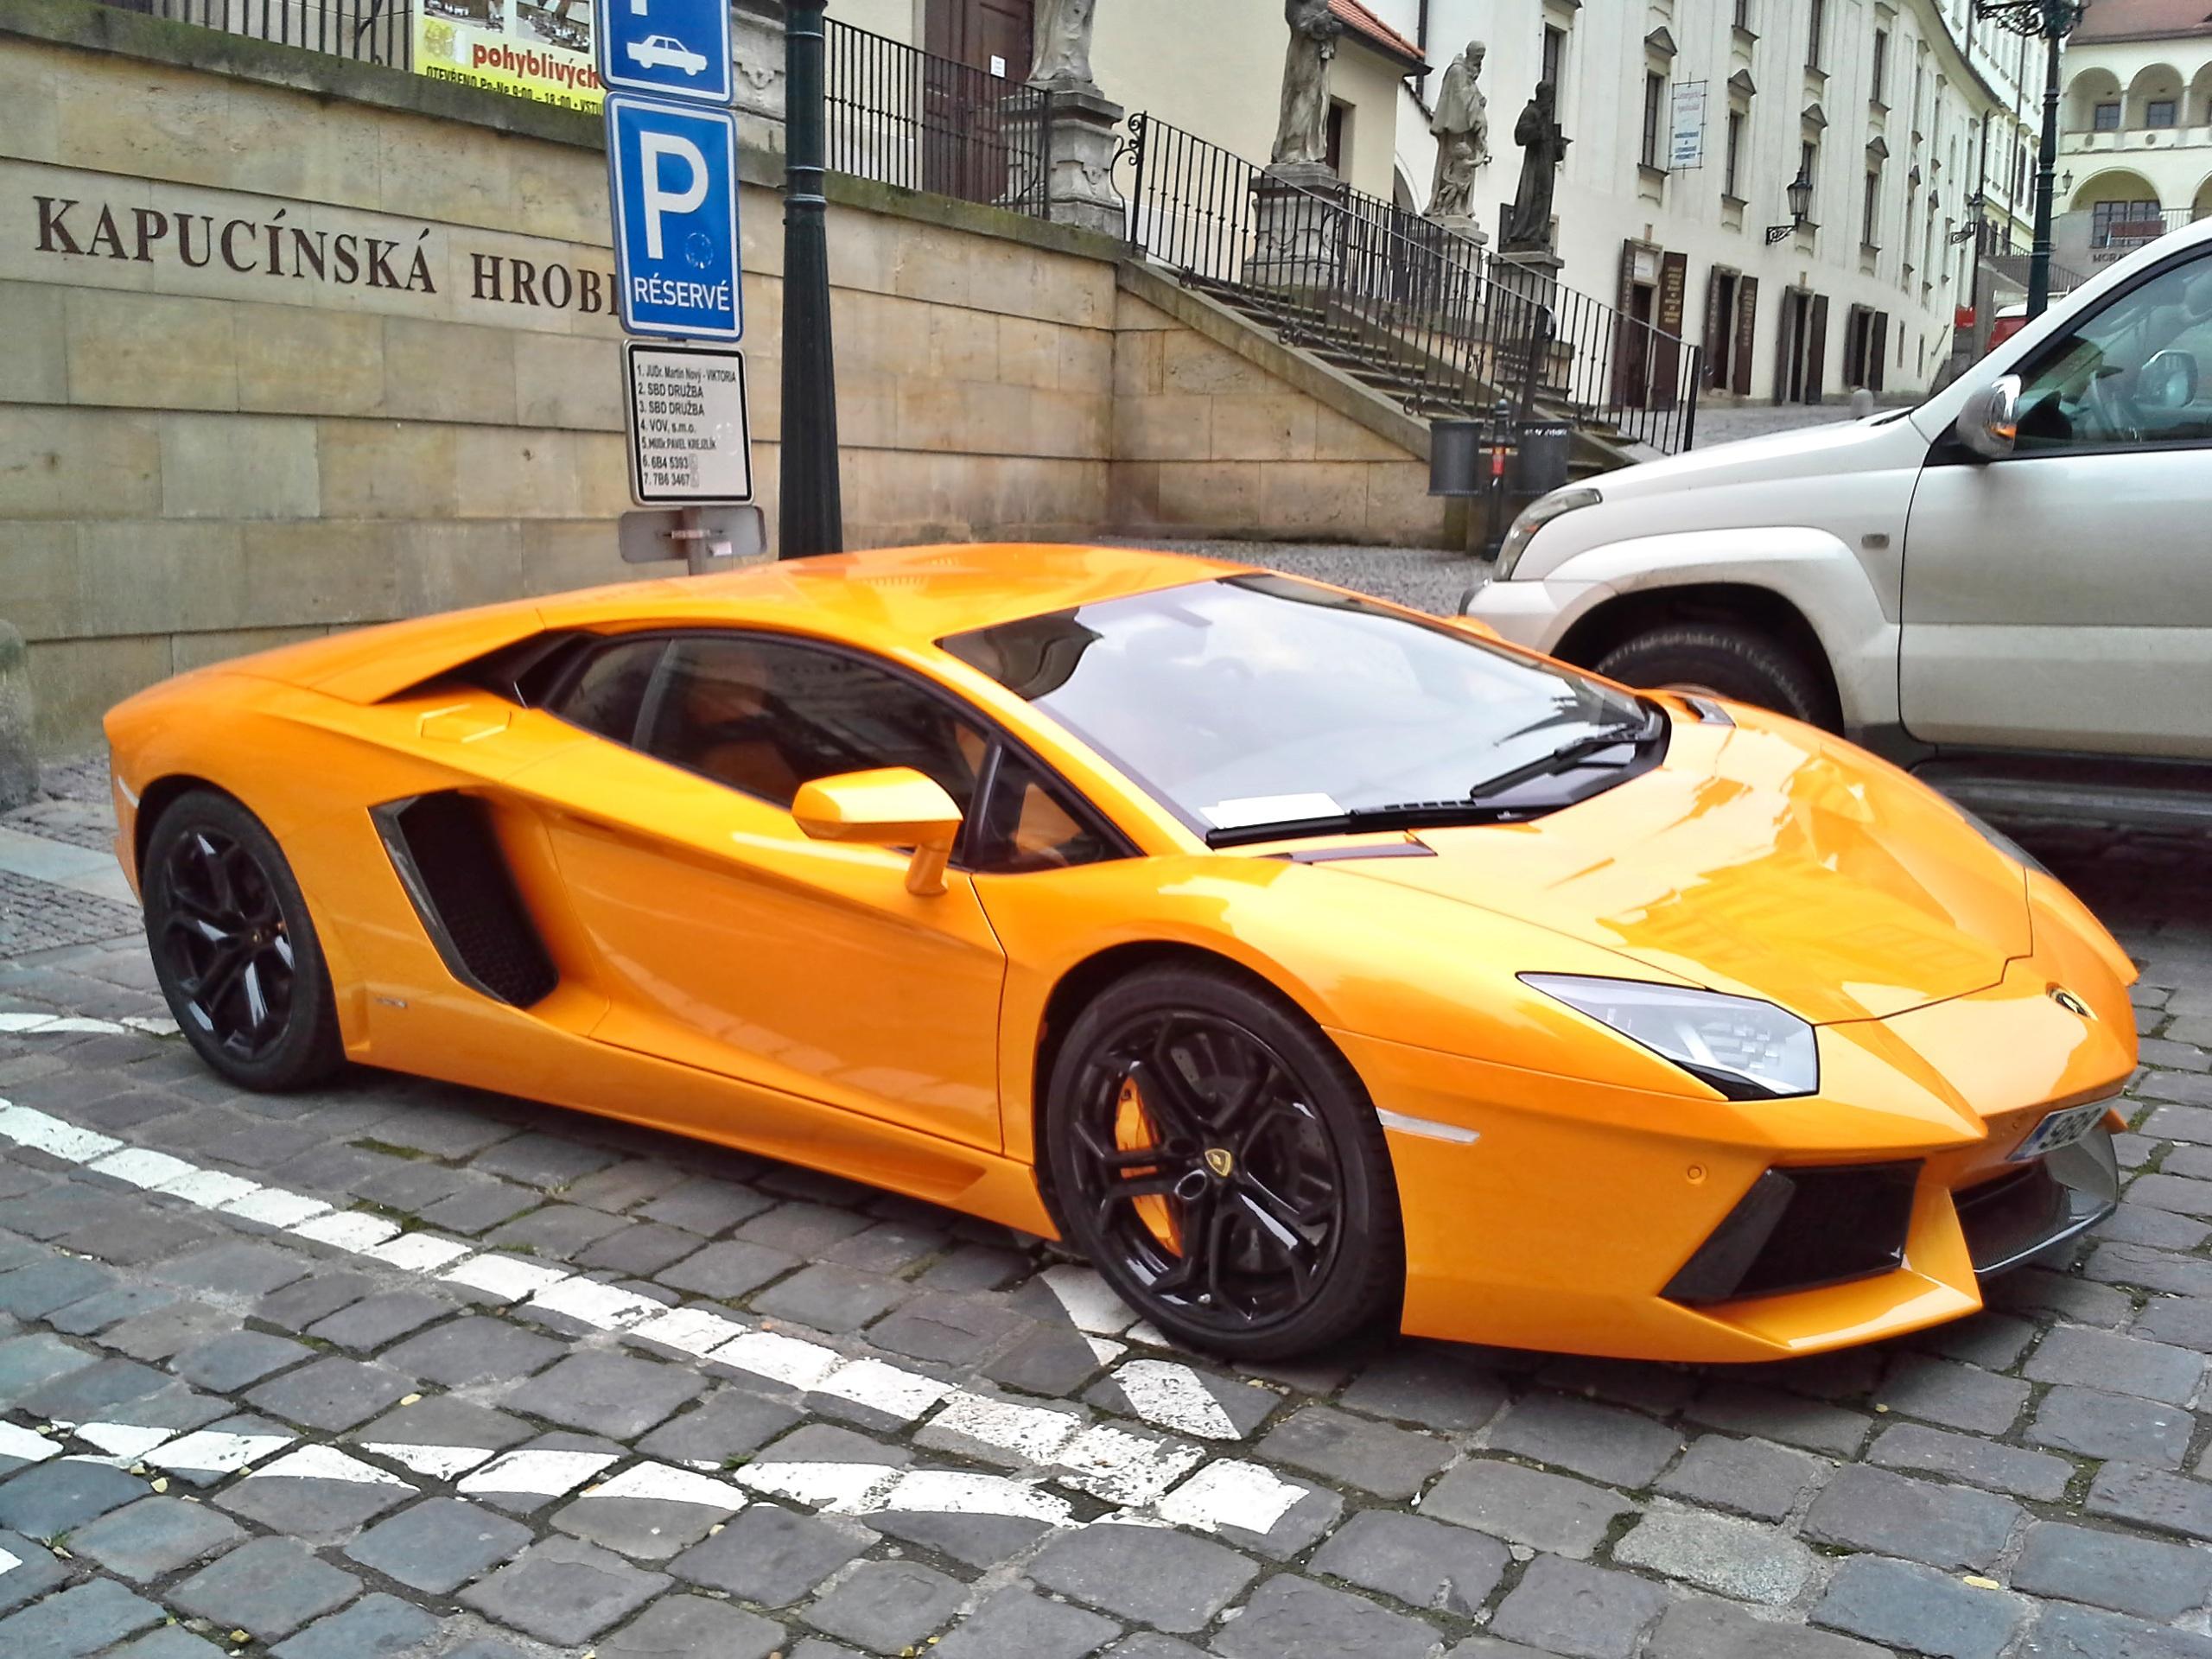 Bildet hjul oransje sportsbil superbil makt biler for Modern motors used cars